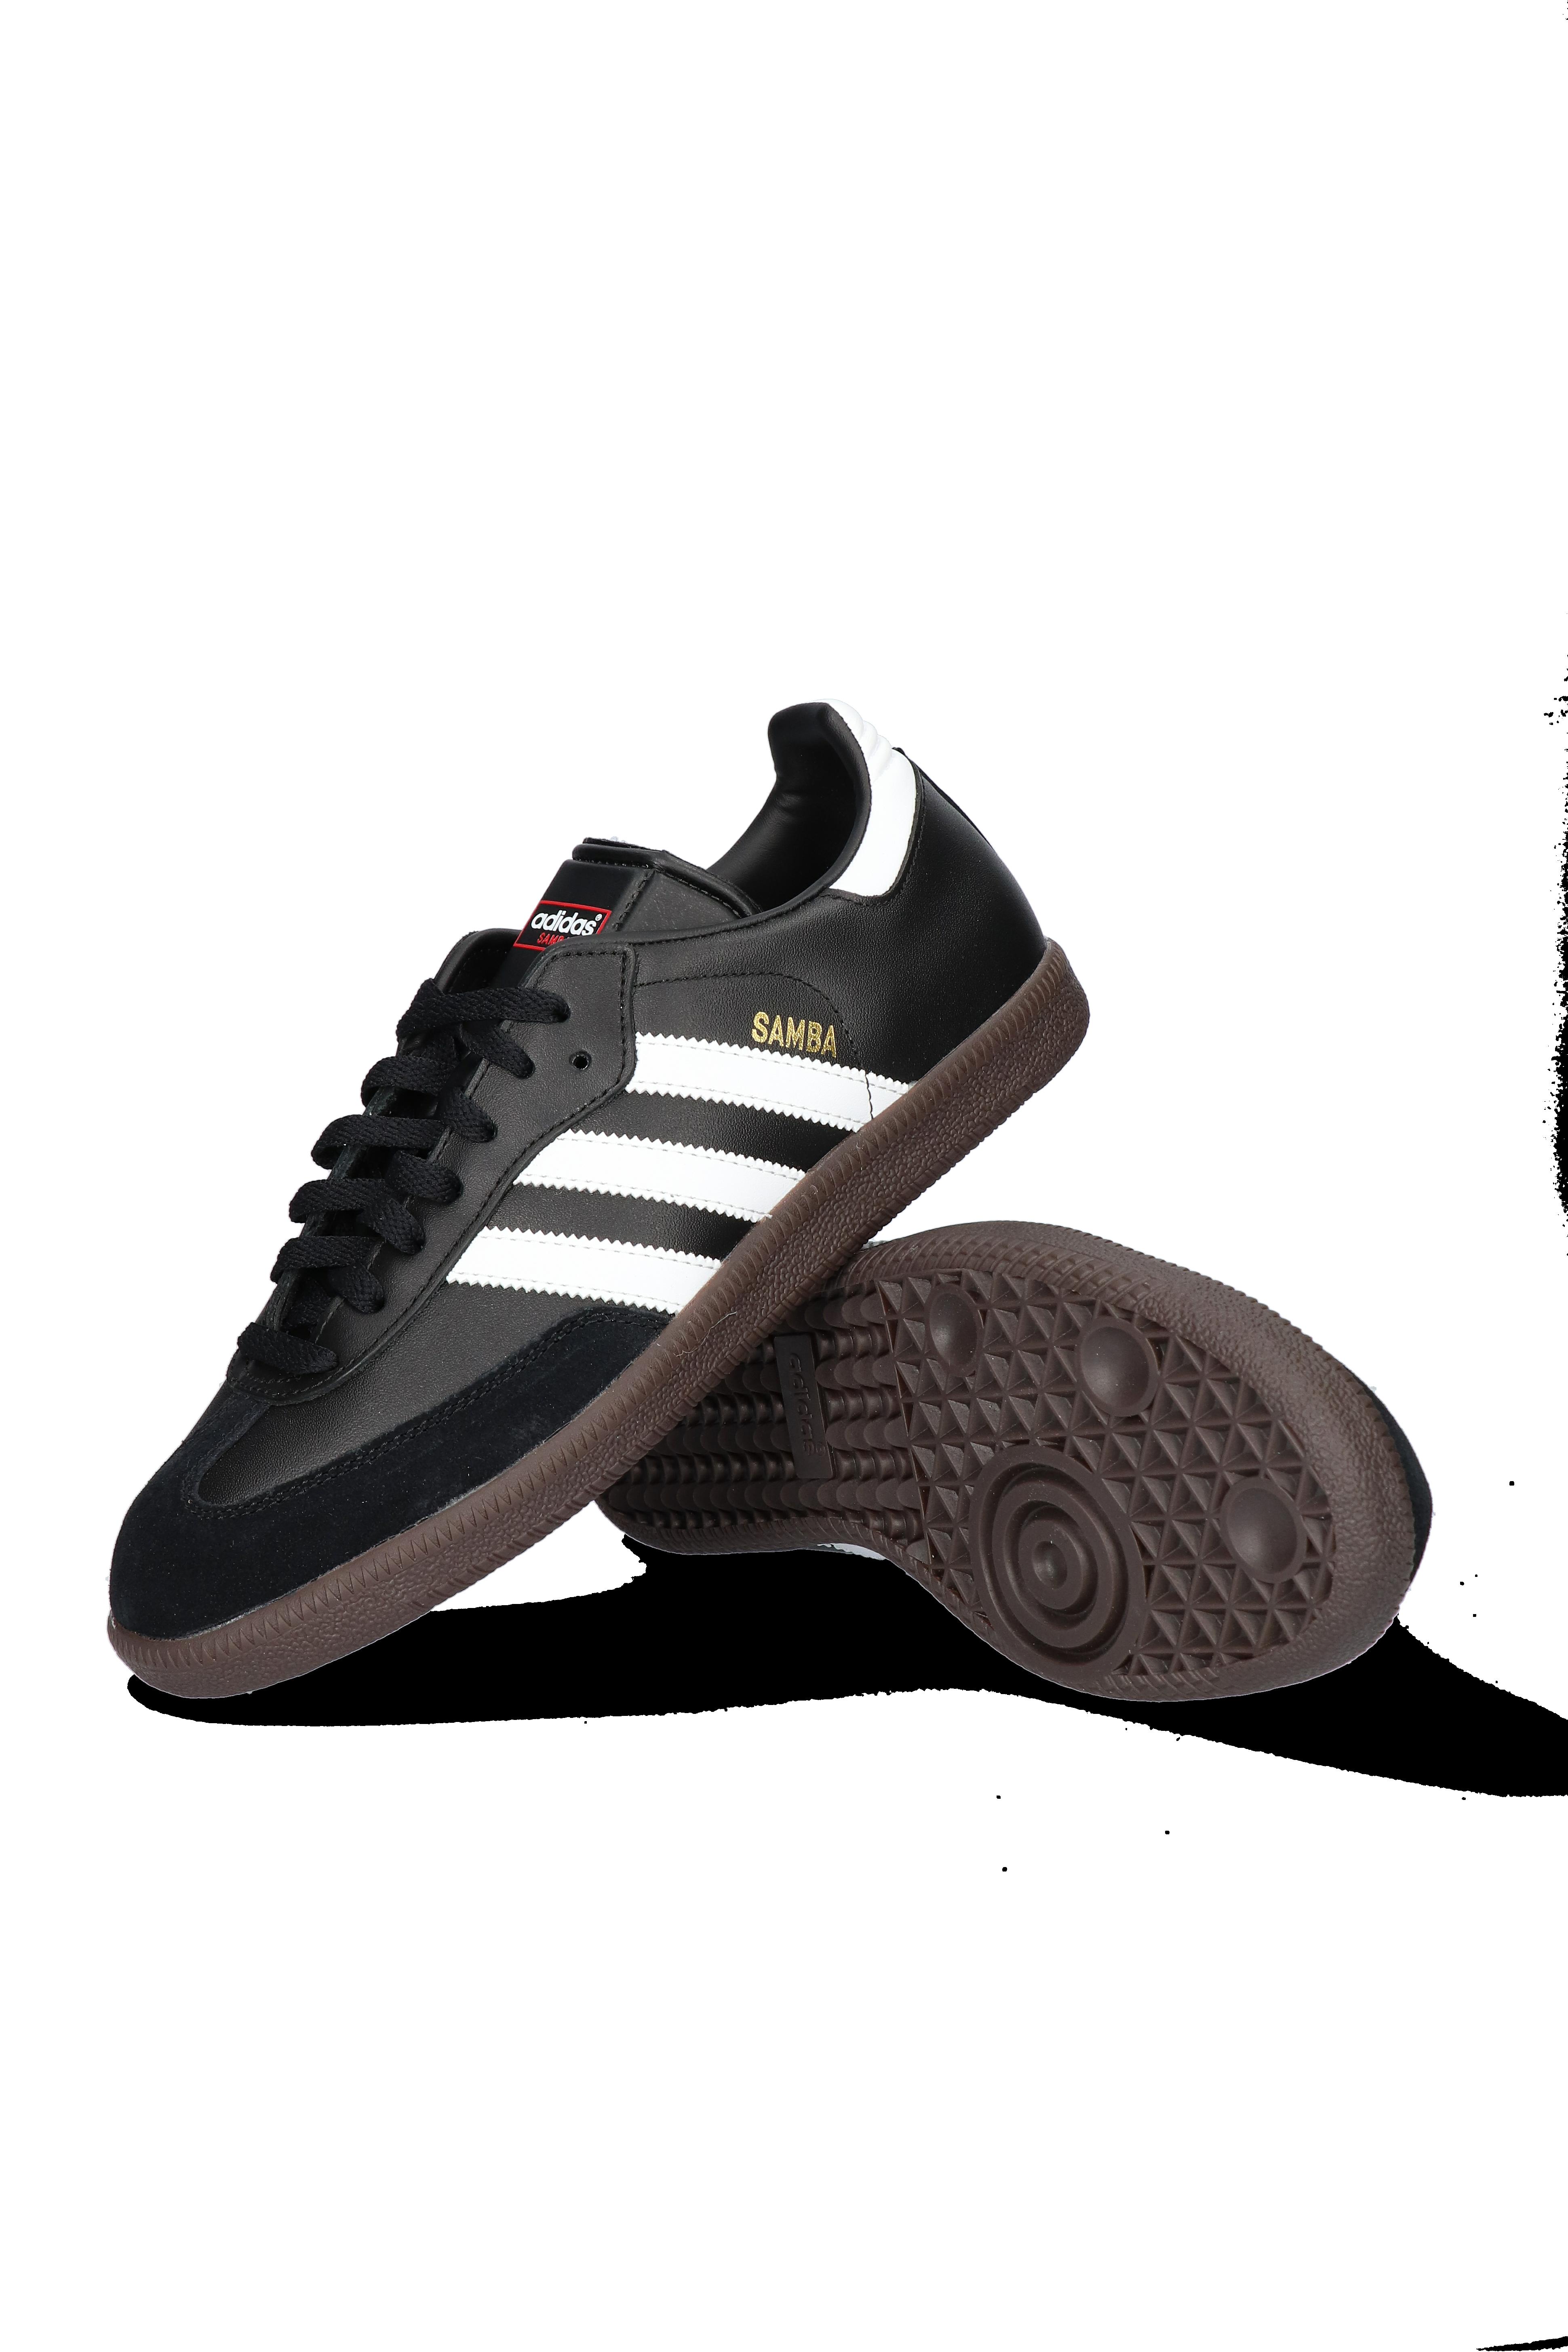 adidas Samba Leather Shoes